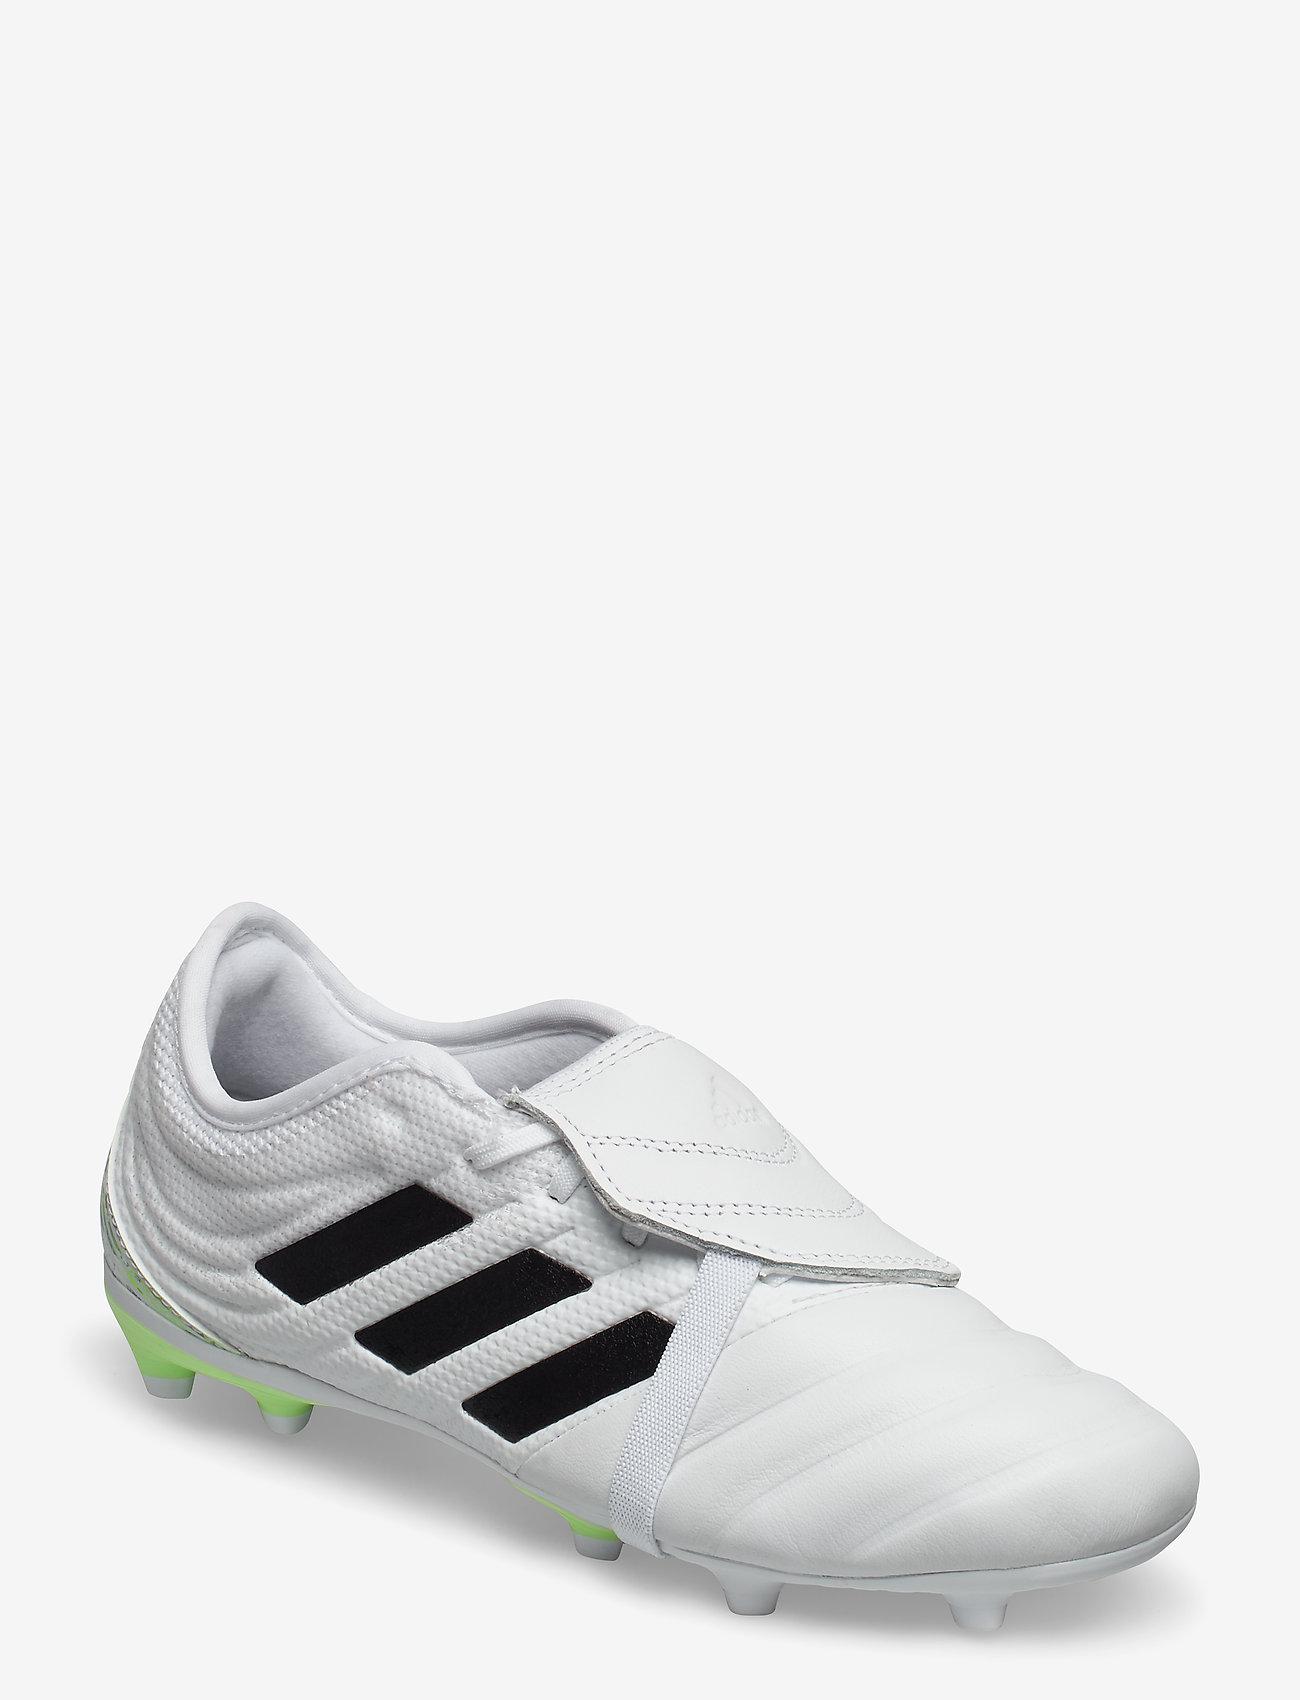 adidas Performance - COPA GLORO 20.2 FG - fotbollsskor - ftwwht/cblack/siggnr - 0